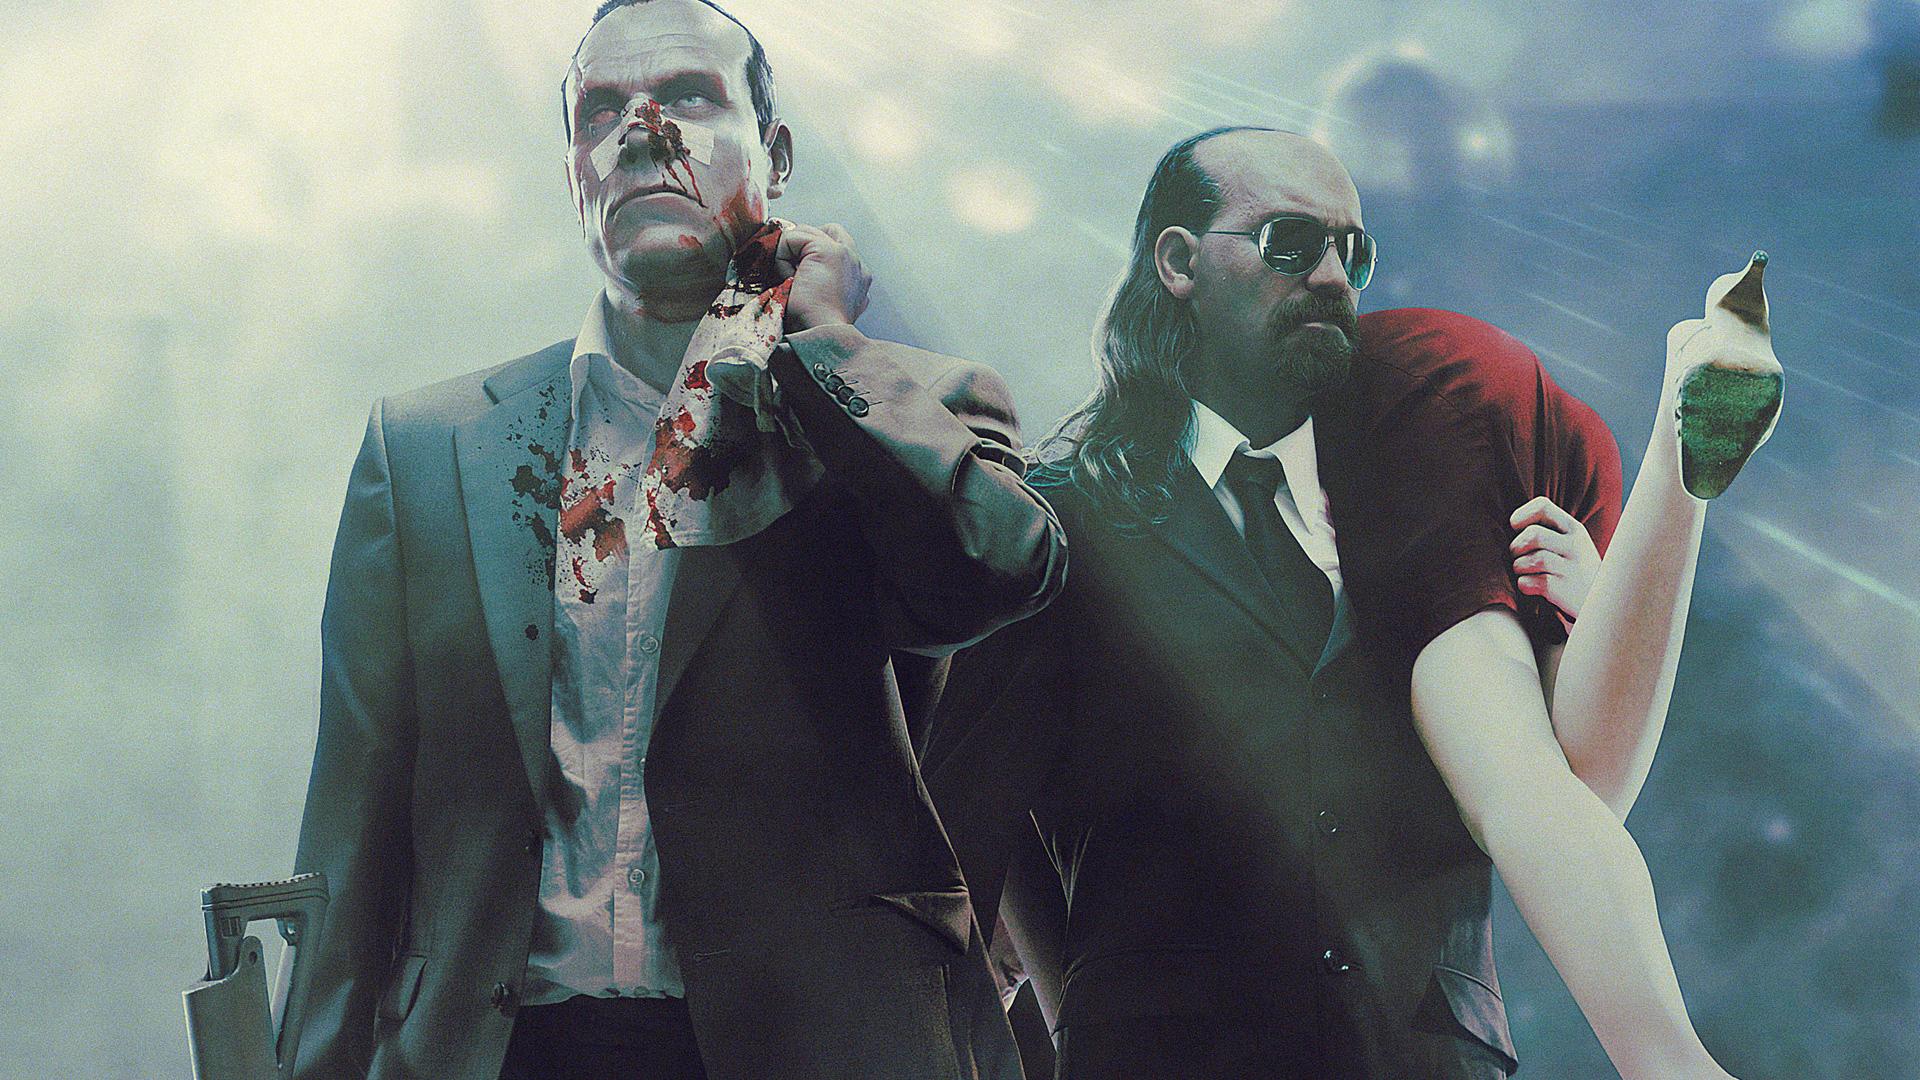 Kane & Lynch: Dead Men Wallpaper in 1920x1080